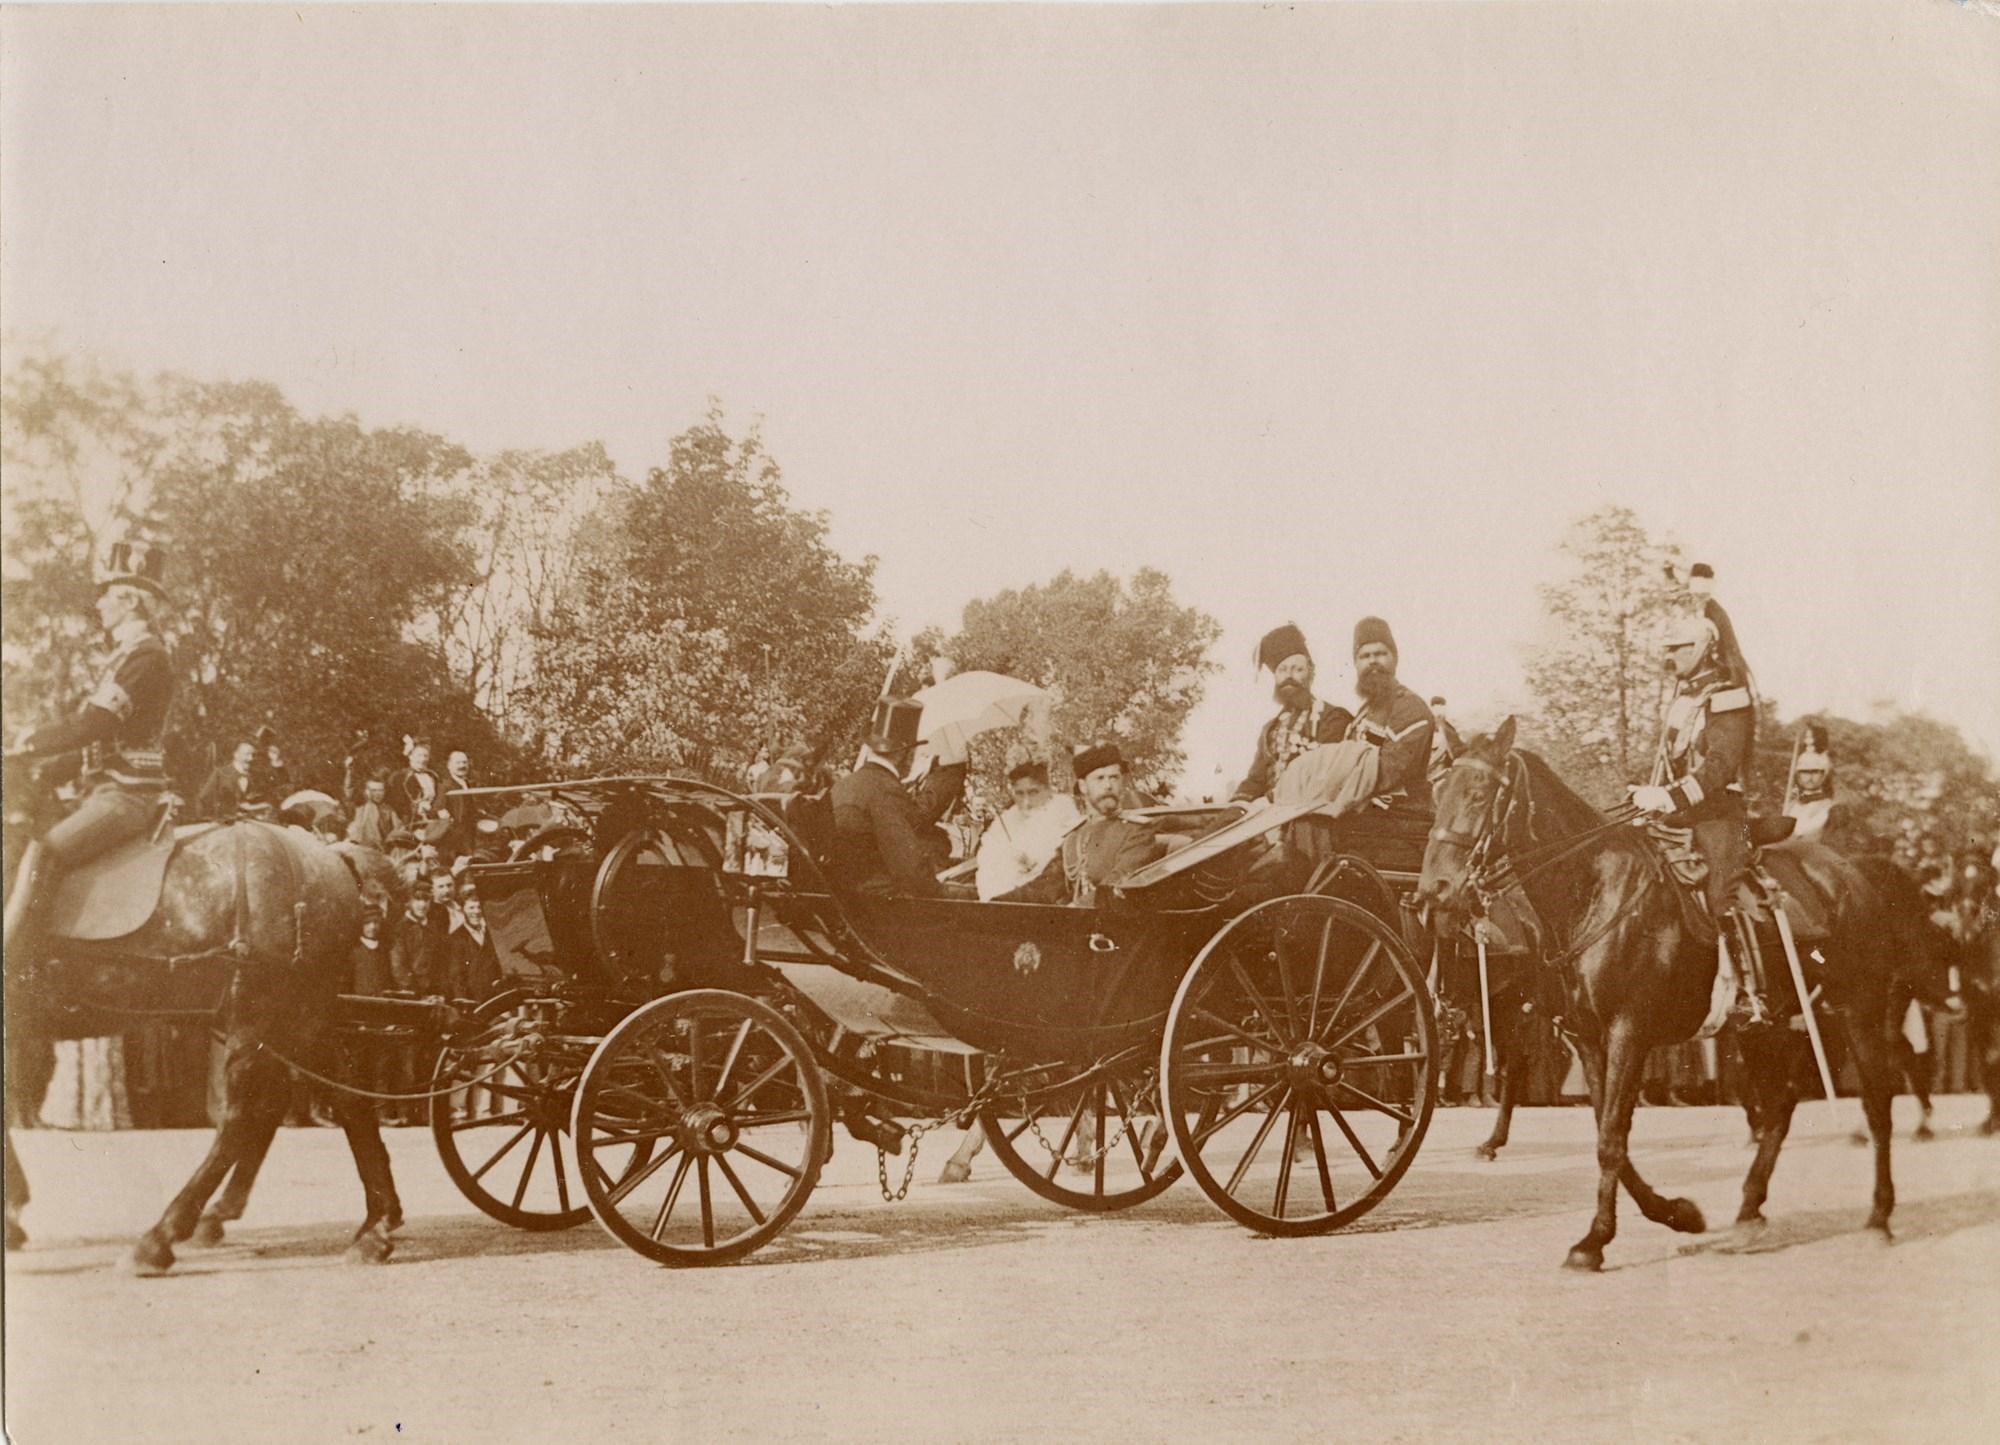 13. Император Николай II, императрица Александра Федоровны и президент Феликс Фор едут по Парижу в сопровождении конвоя кавалергардов.